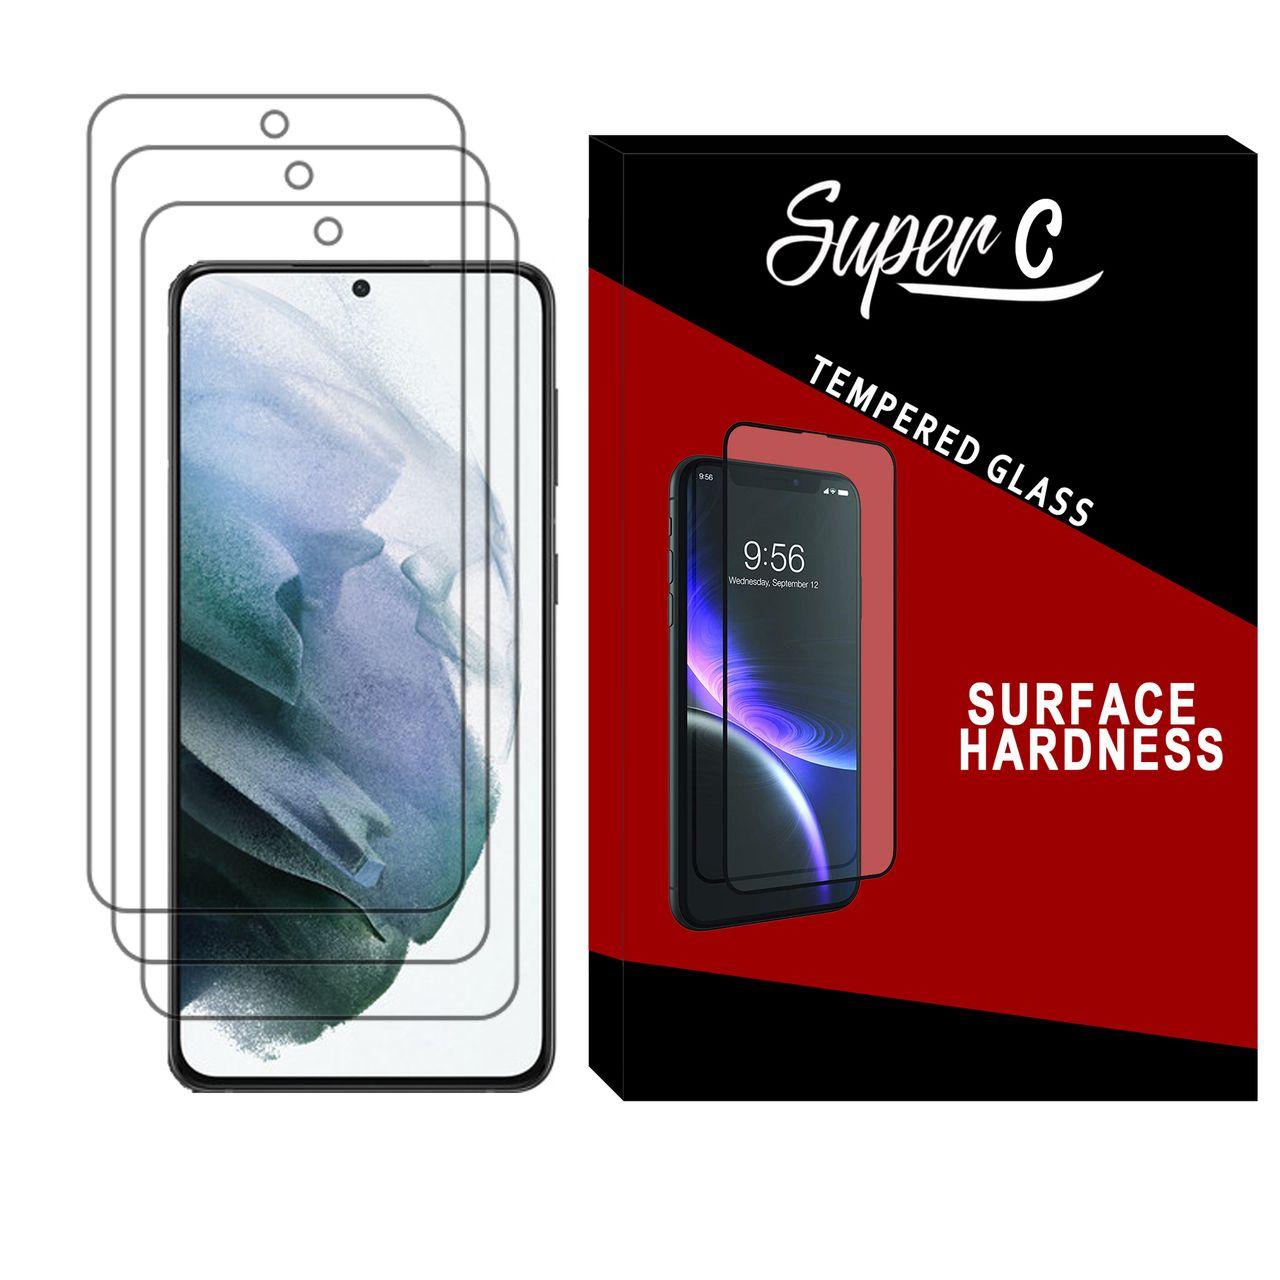 محافظ صفحه نمایش سوپر سی مدل SD-03 مناسب برای گوشی موبایل سامسونگ Galaxy S21 Plus بسته سه عددی